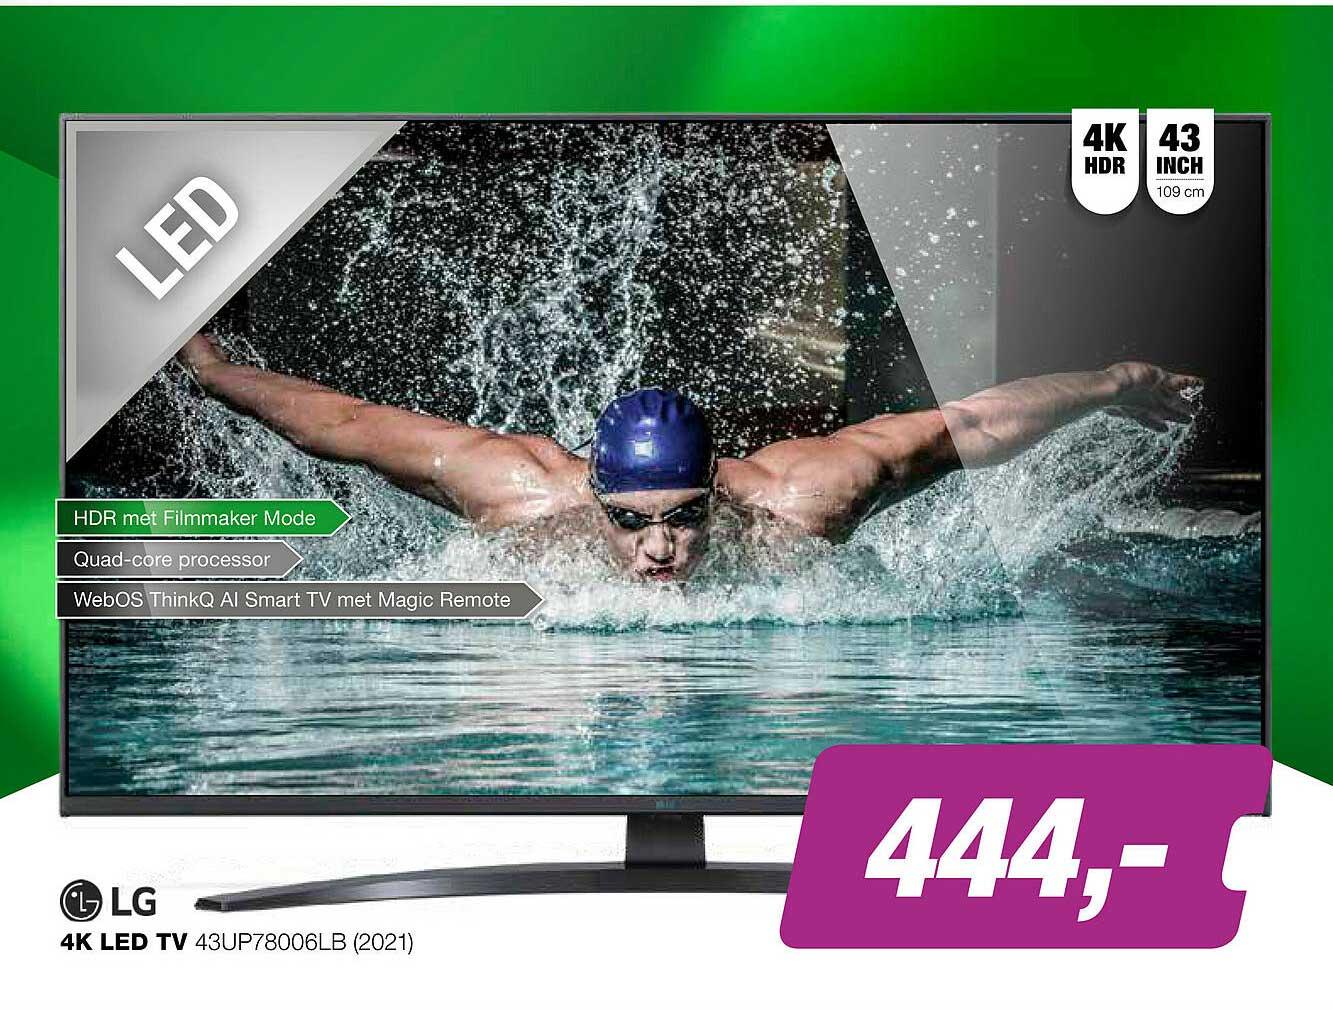 EP LG 4K Led TV 43UP78006LB (2021)